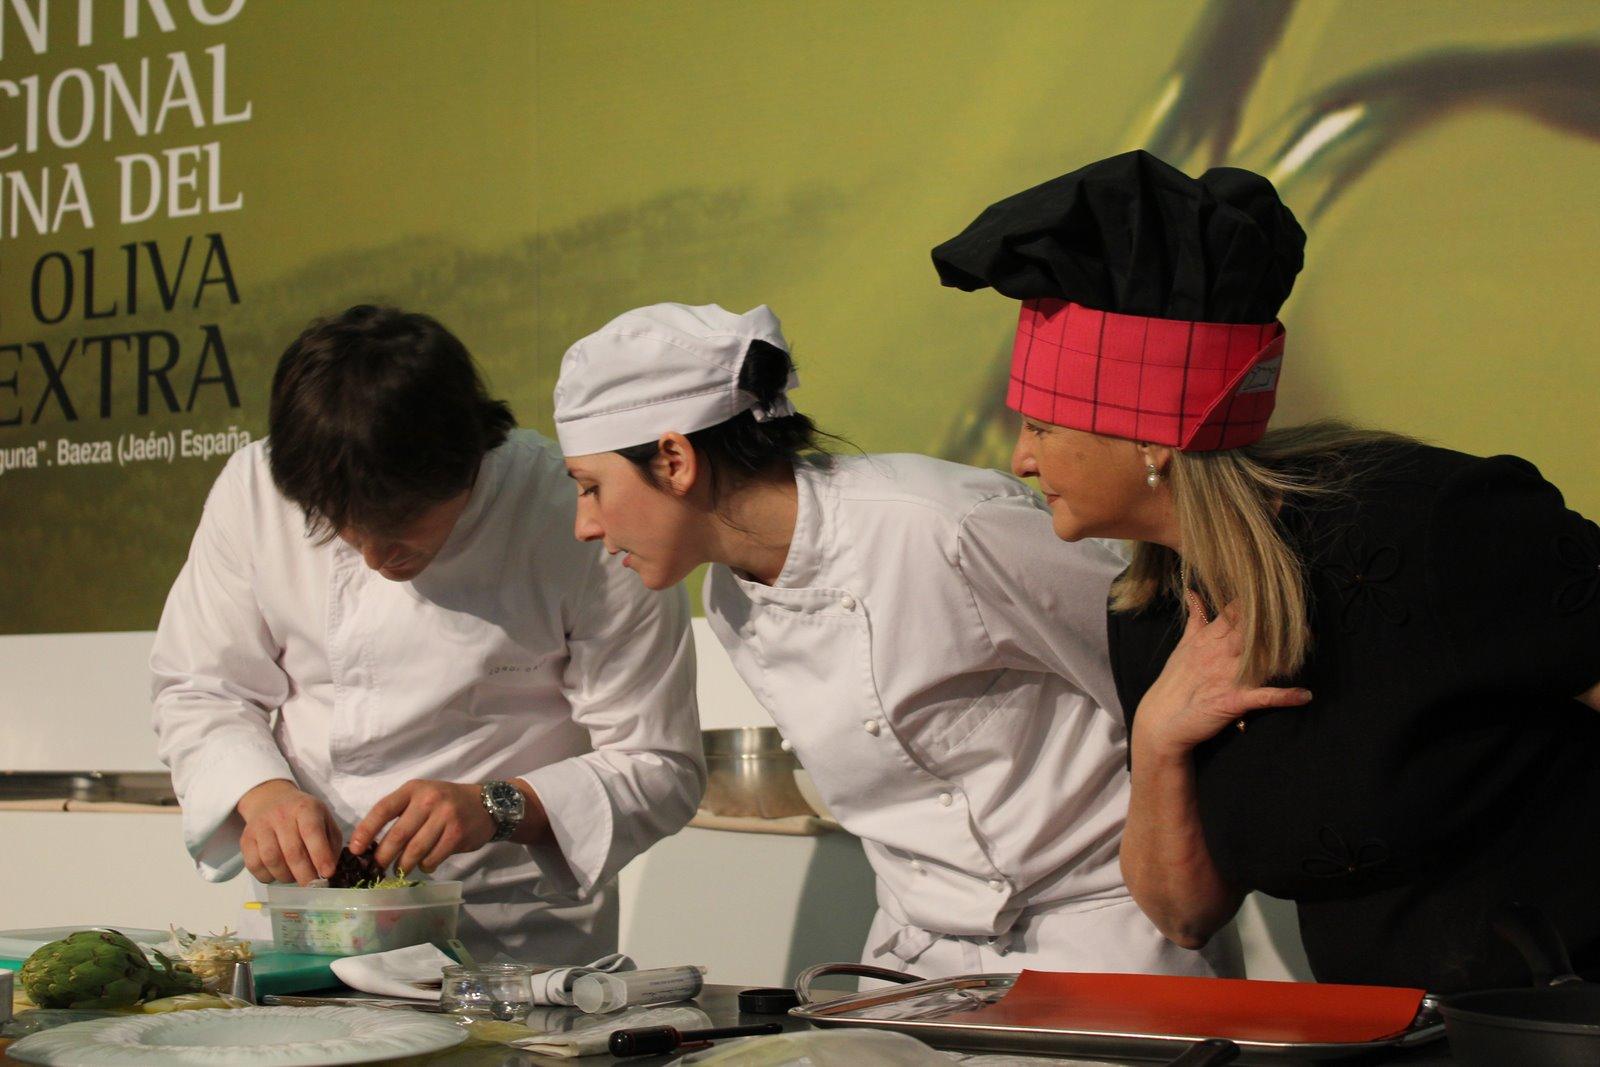 Ix encuentro internacional de cocina con aceite de oliva - Escuela cocina barcelona ...